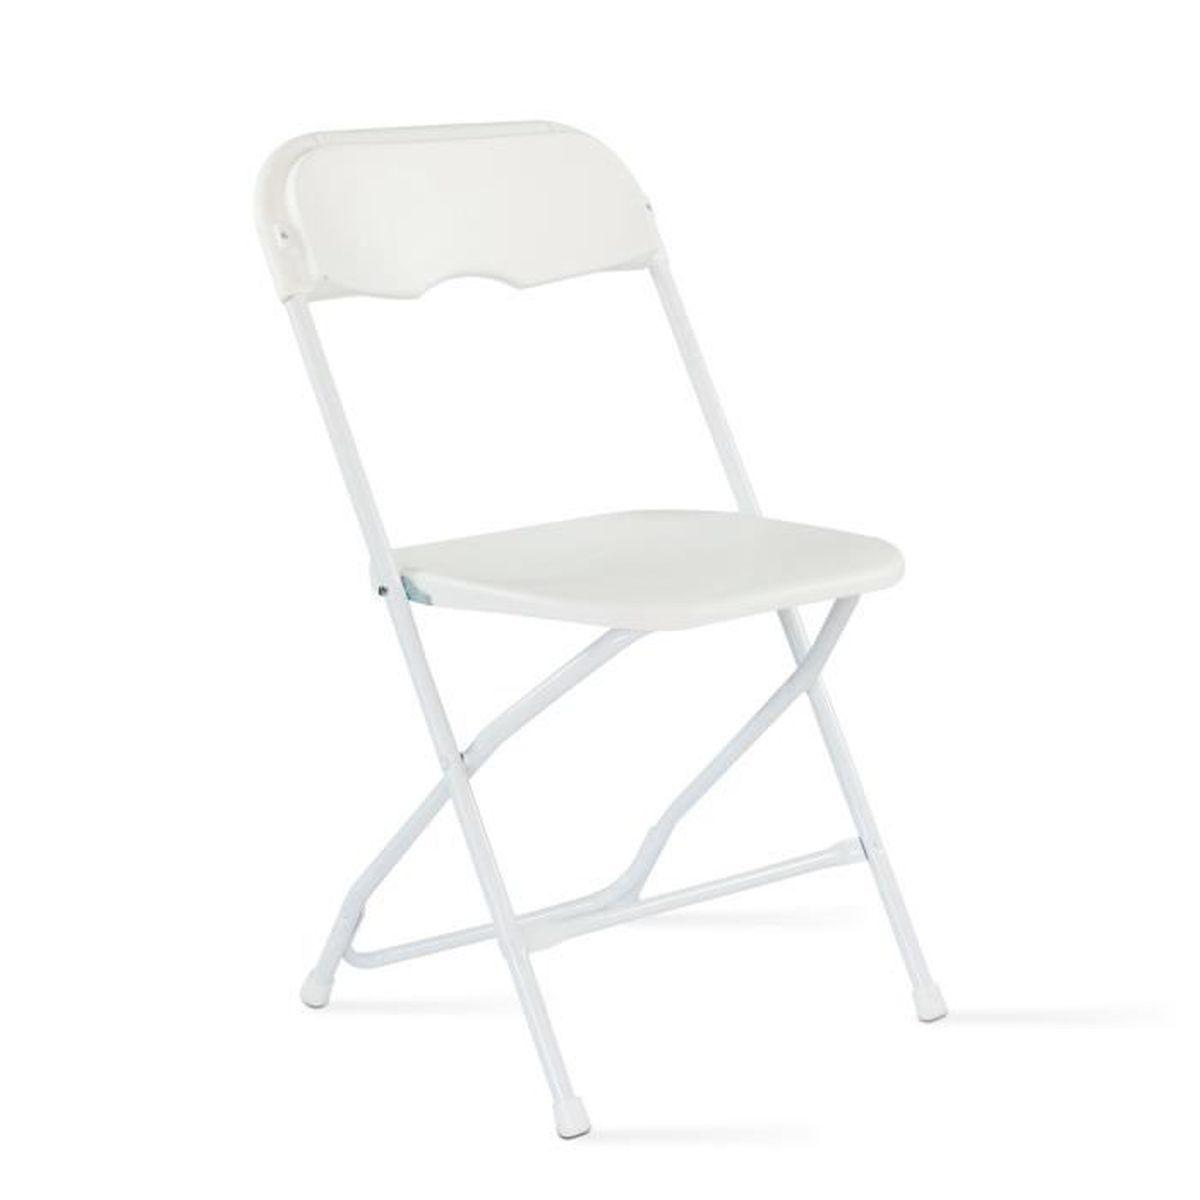 et Grande pliable cm table pliantes chaises 244 0wPnOk